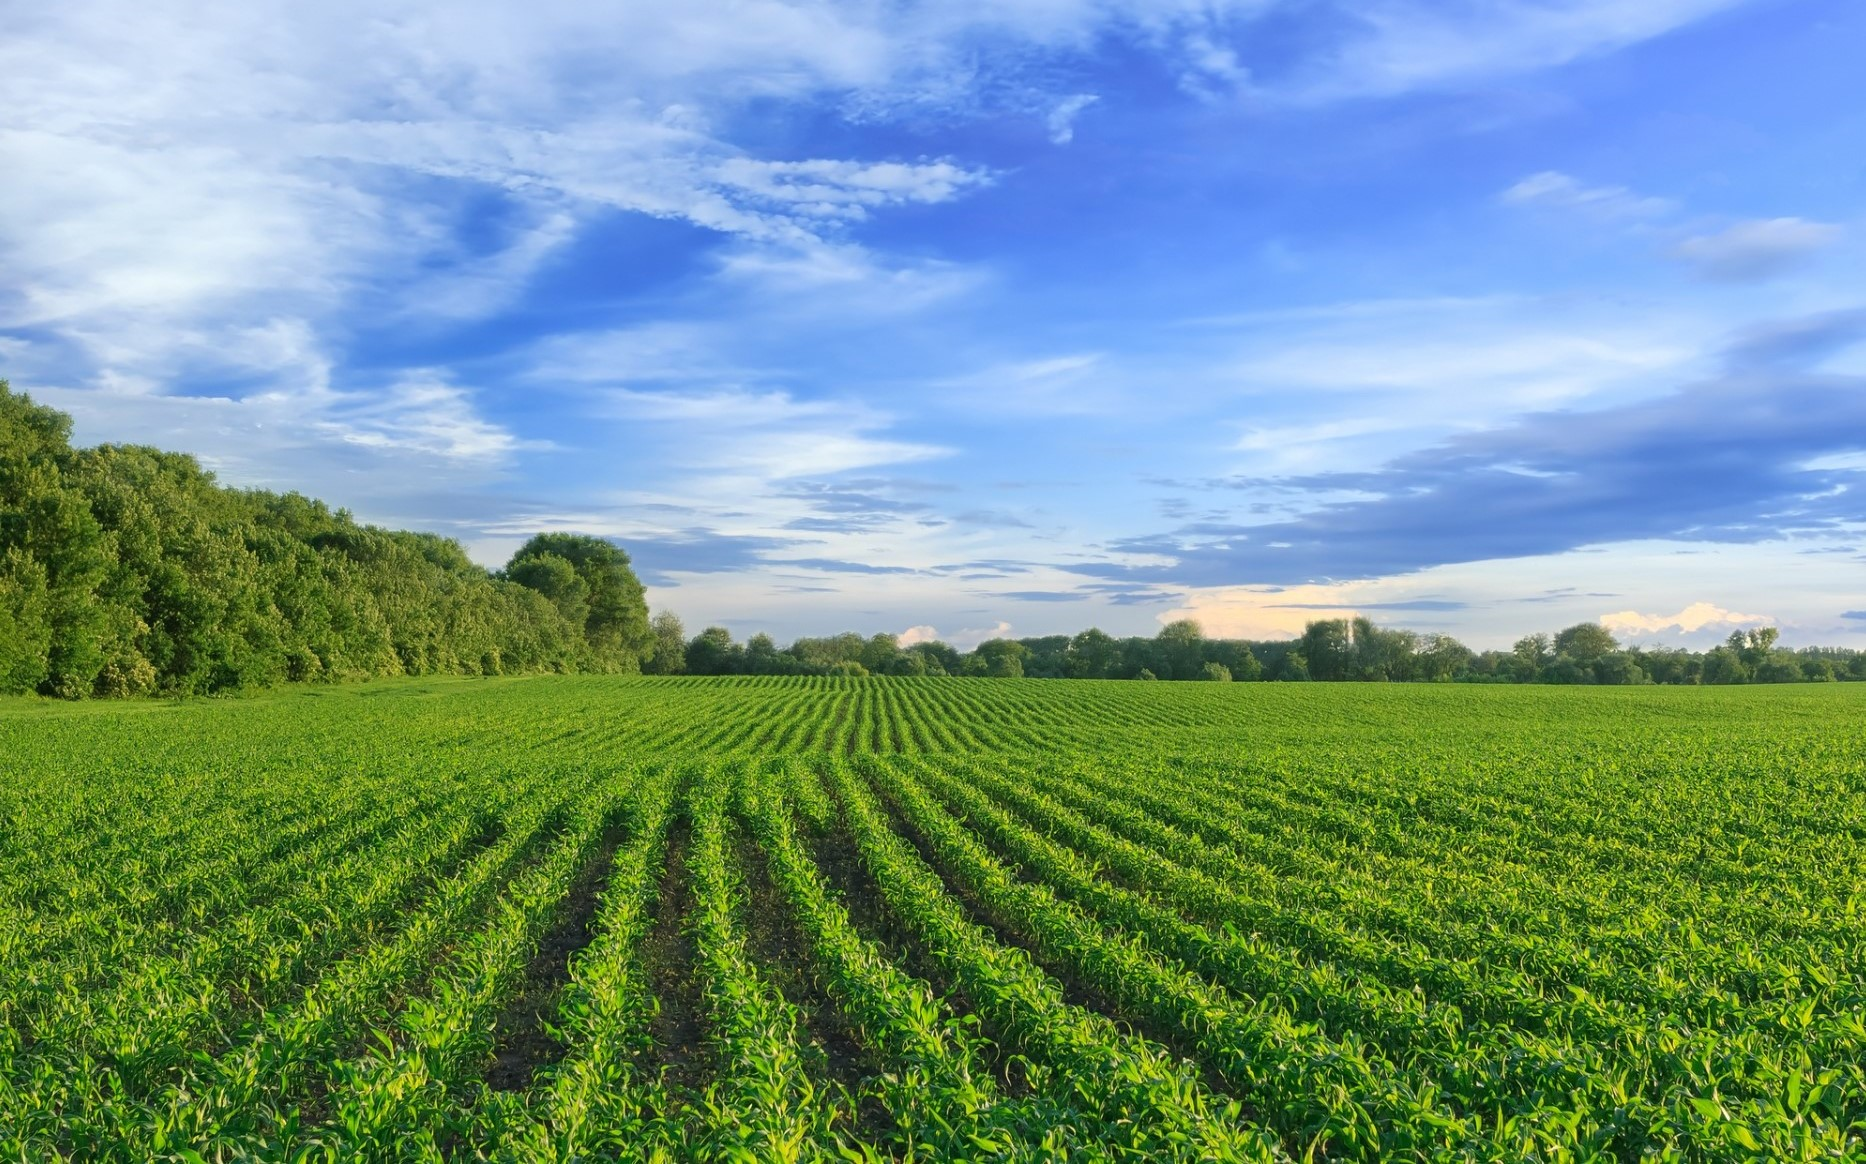 11123 landwirtschaftliche Fläche im Kreis Minden-Lübbecke